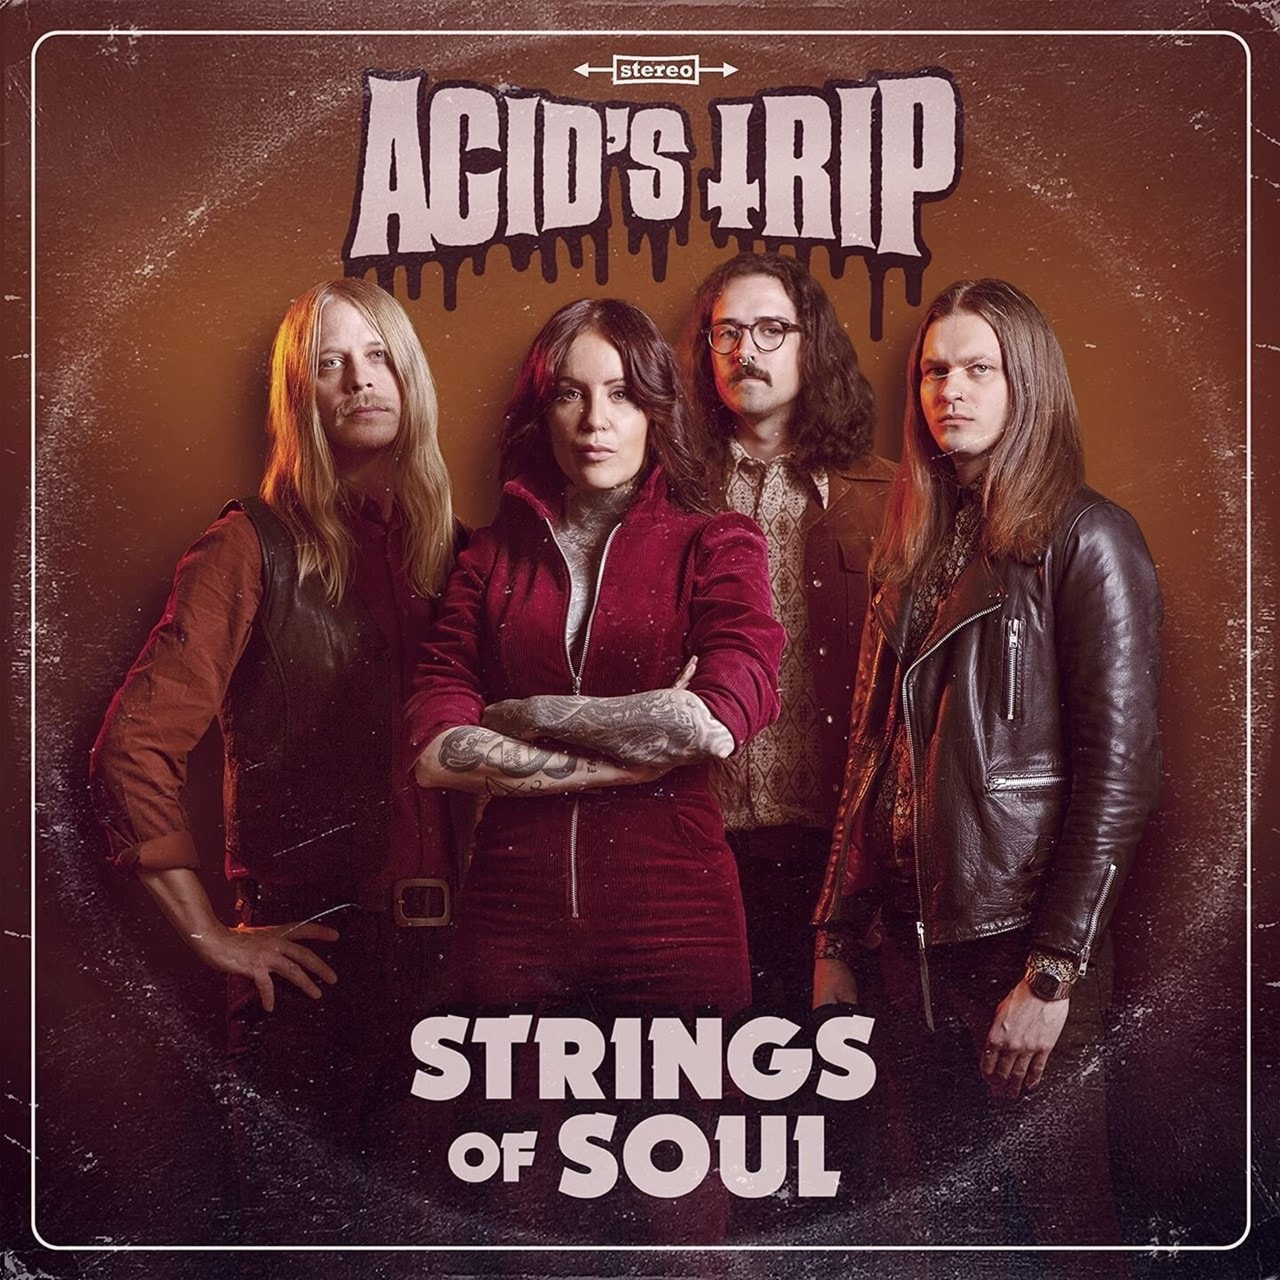 Strings of Soul - 1